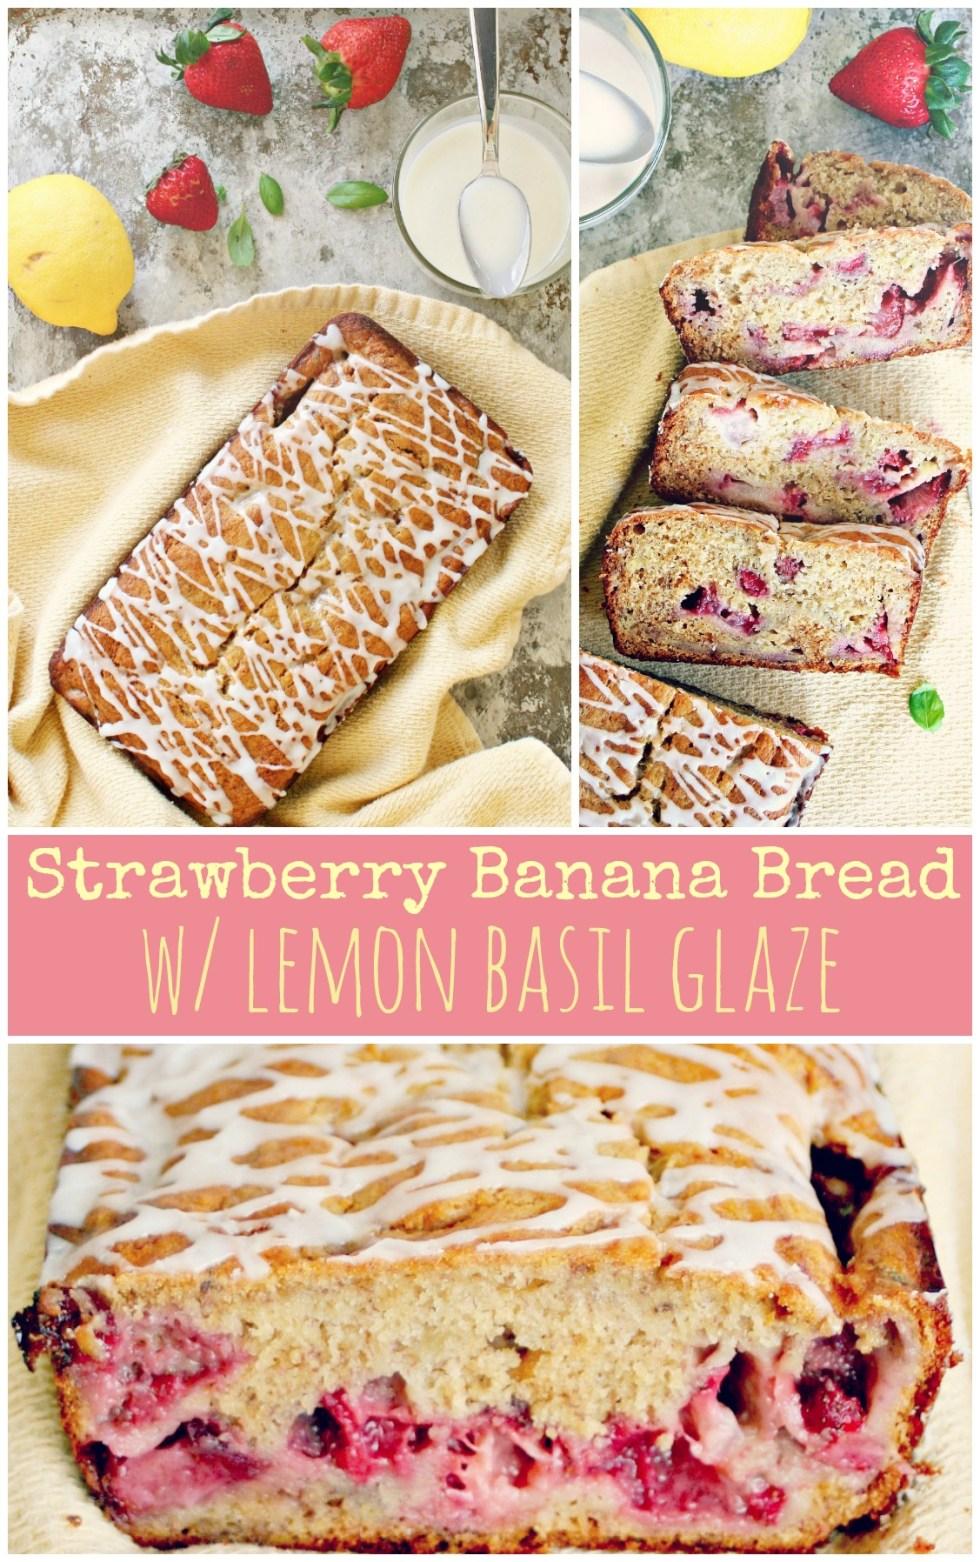 Strawberry Banana Bread!